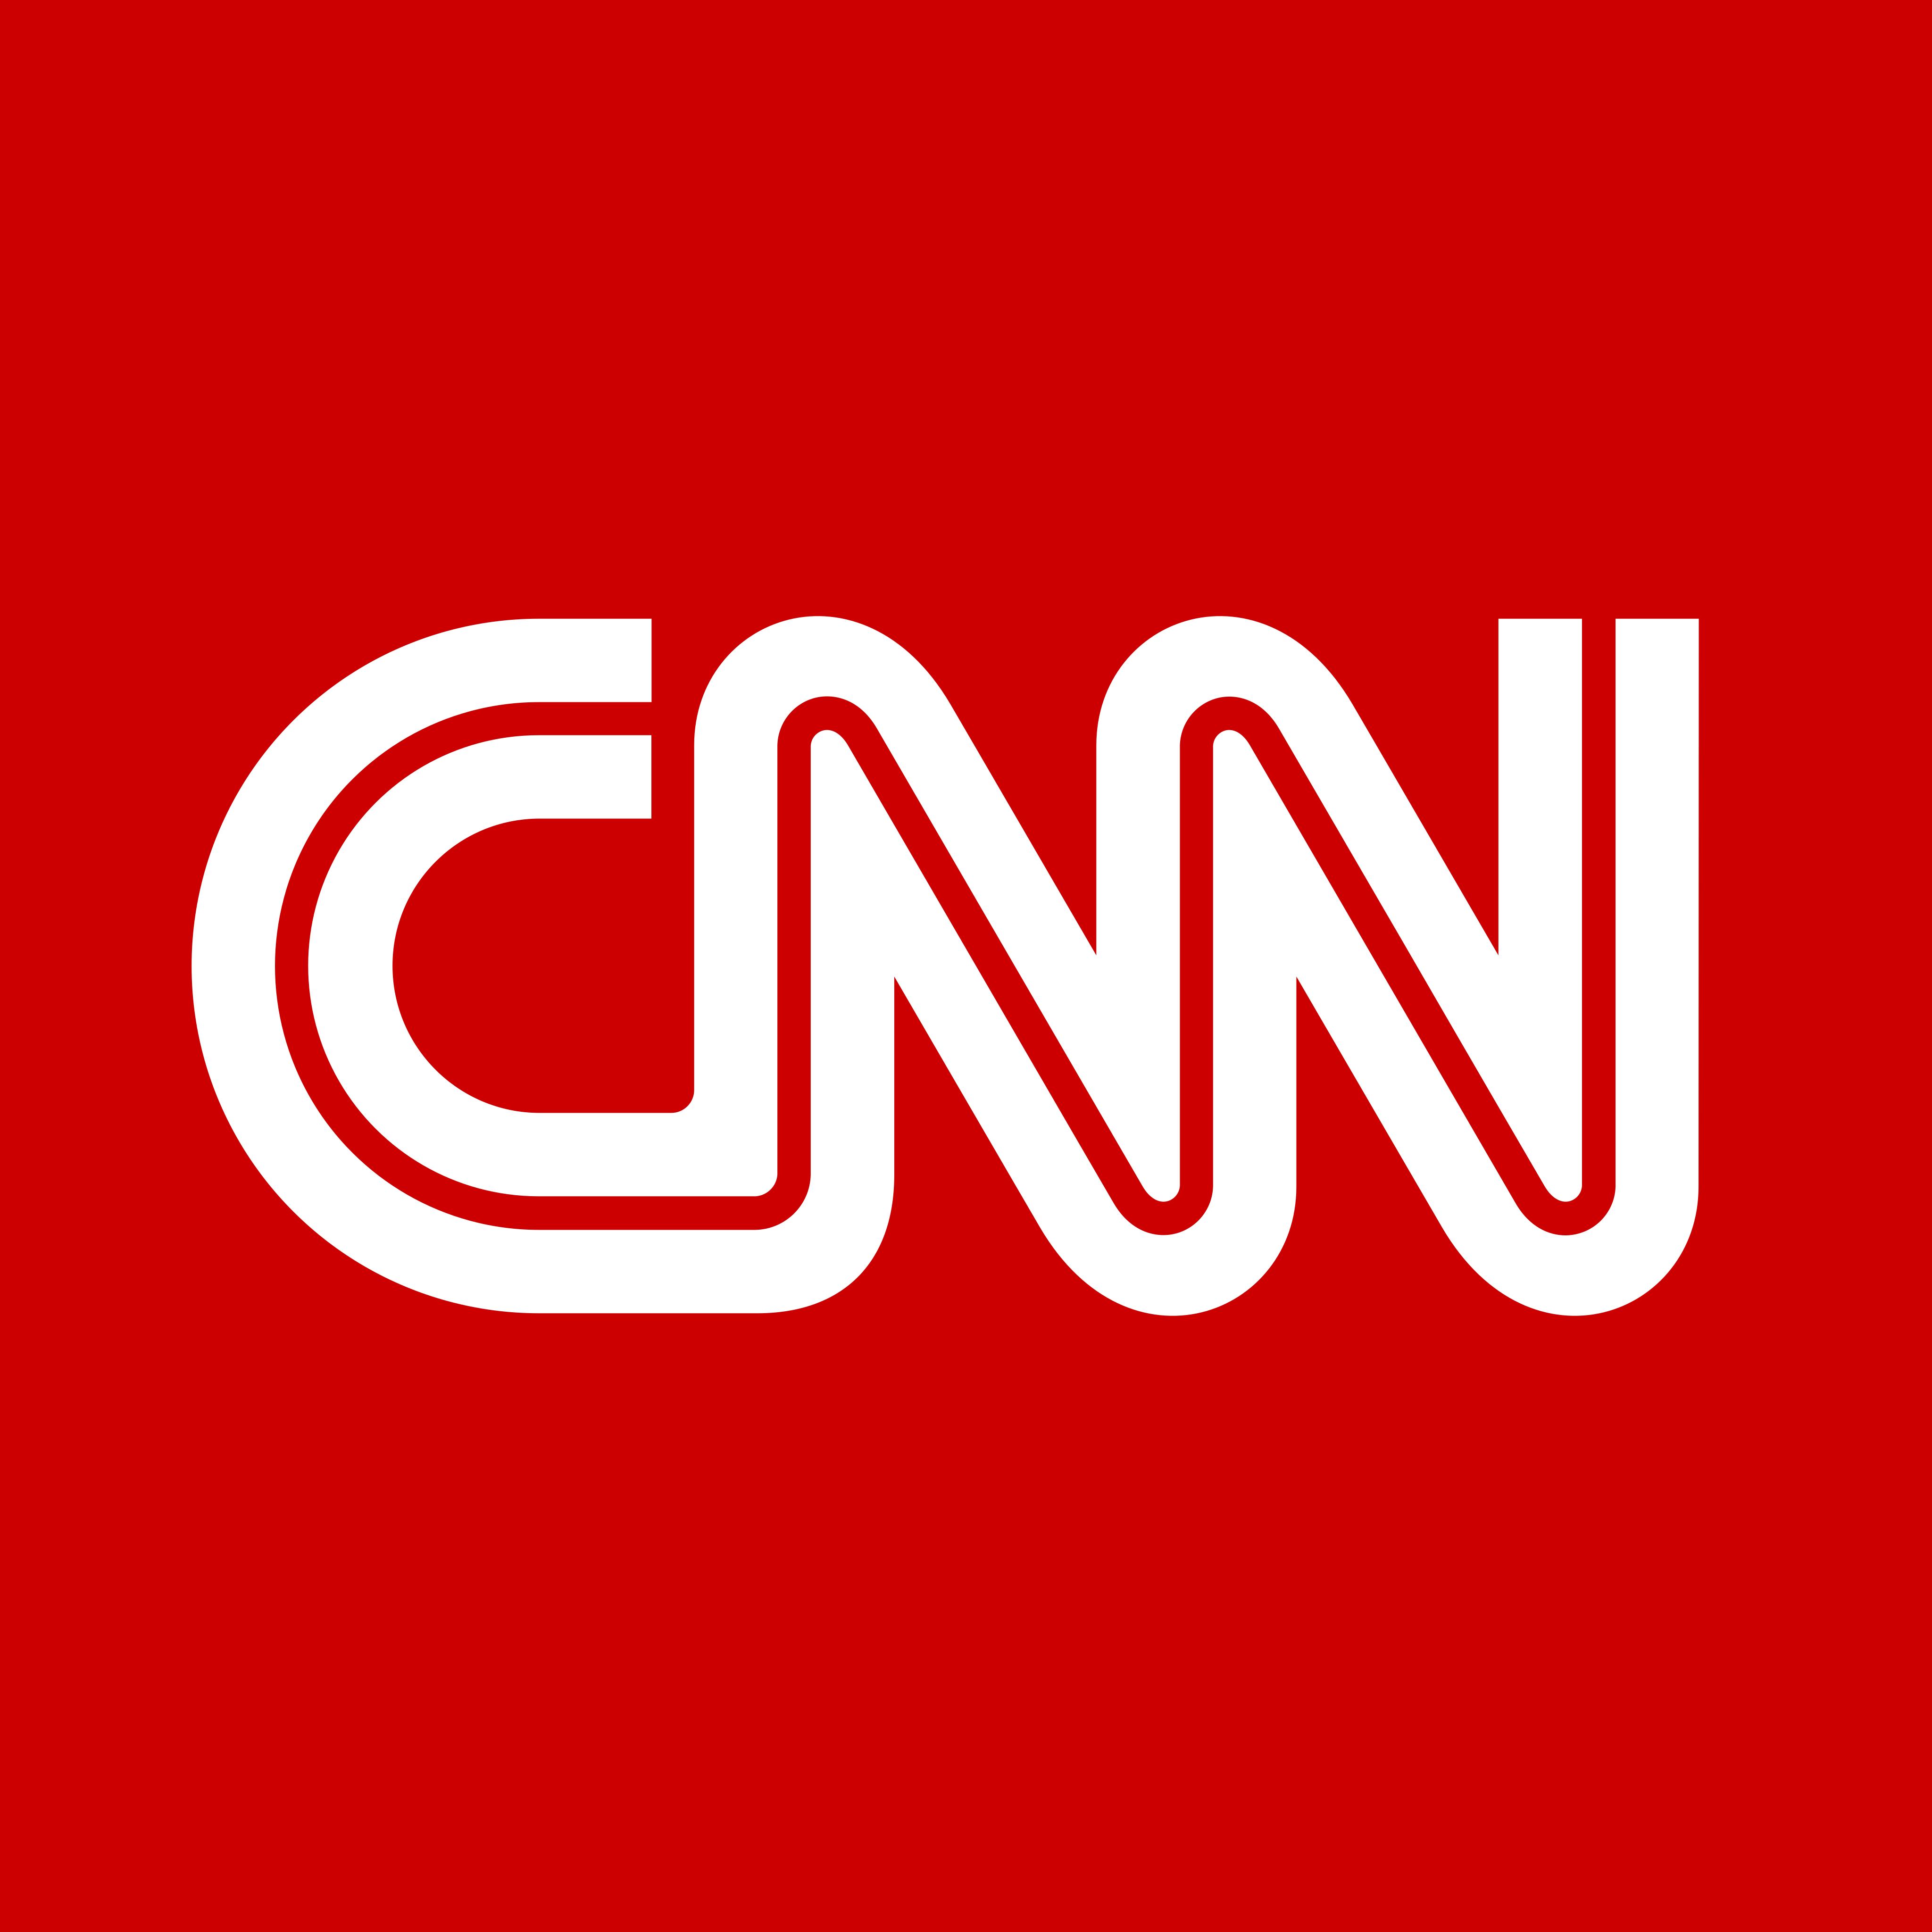 cnn logo 1 - CNN Logo